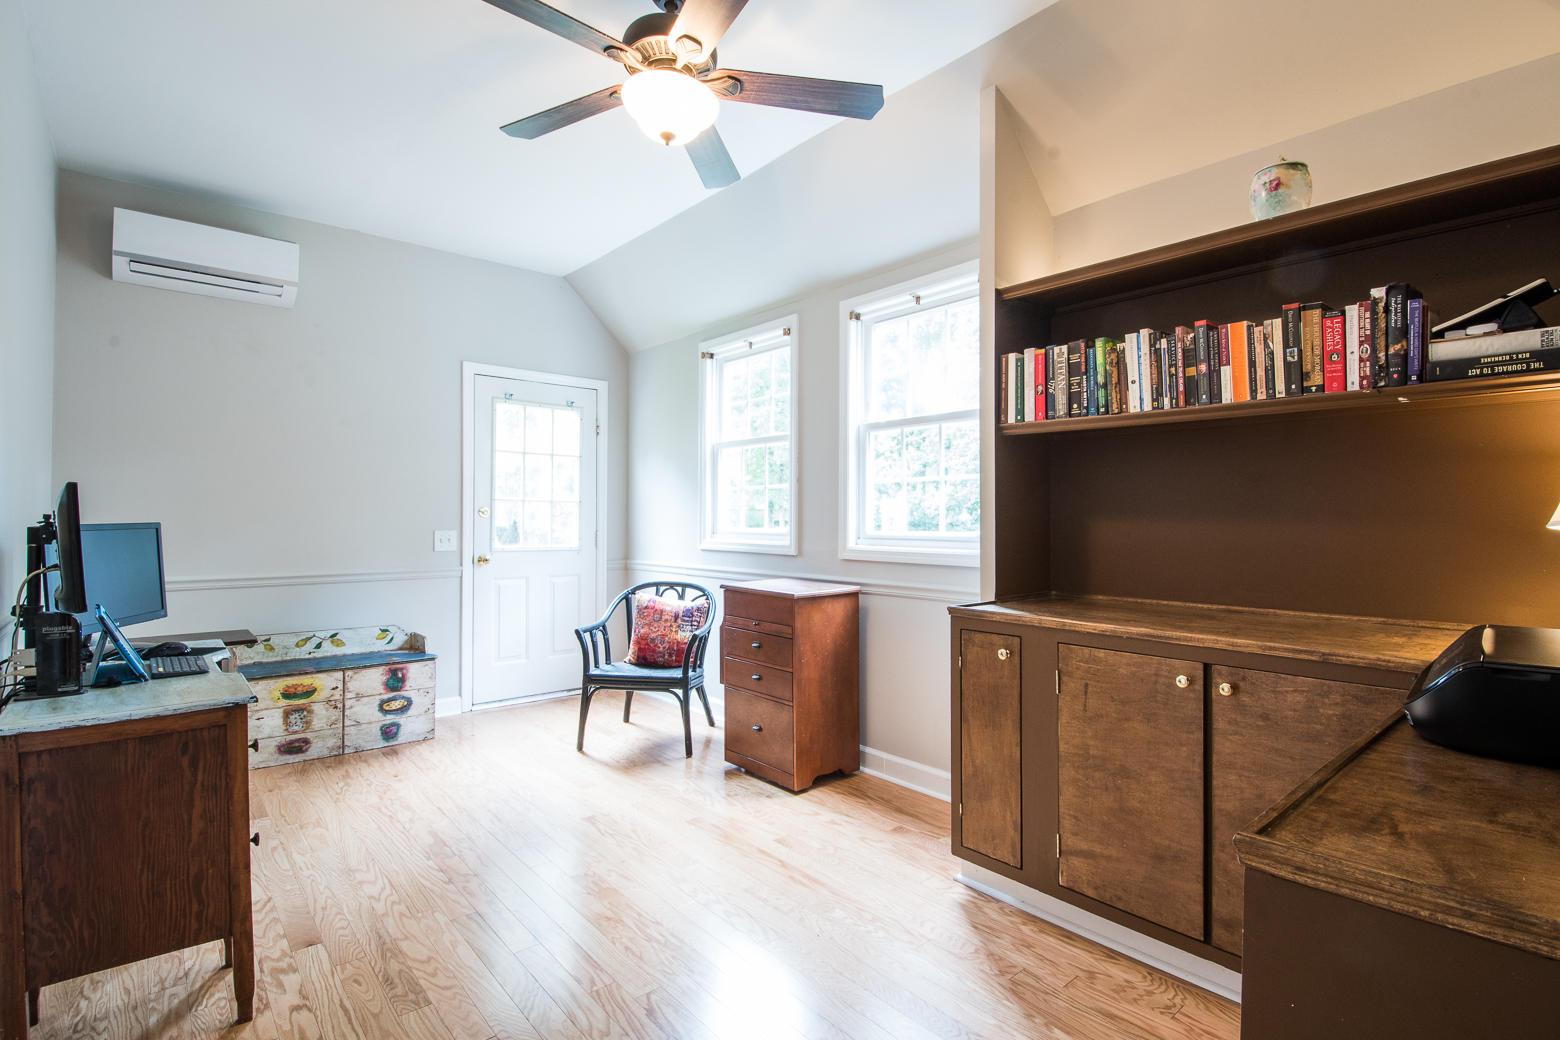 Dunes West Homes For Sale - 1111 Black Rush, Mount Pleasant, SC - 23